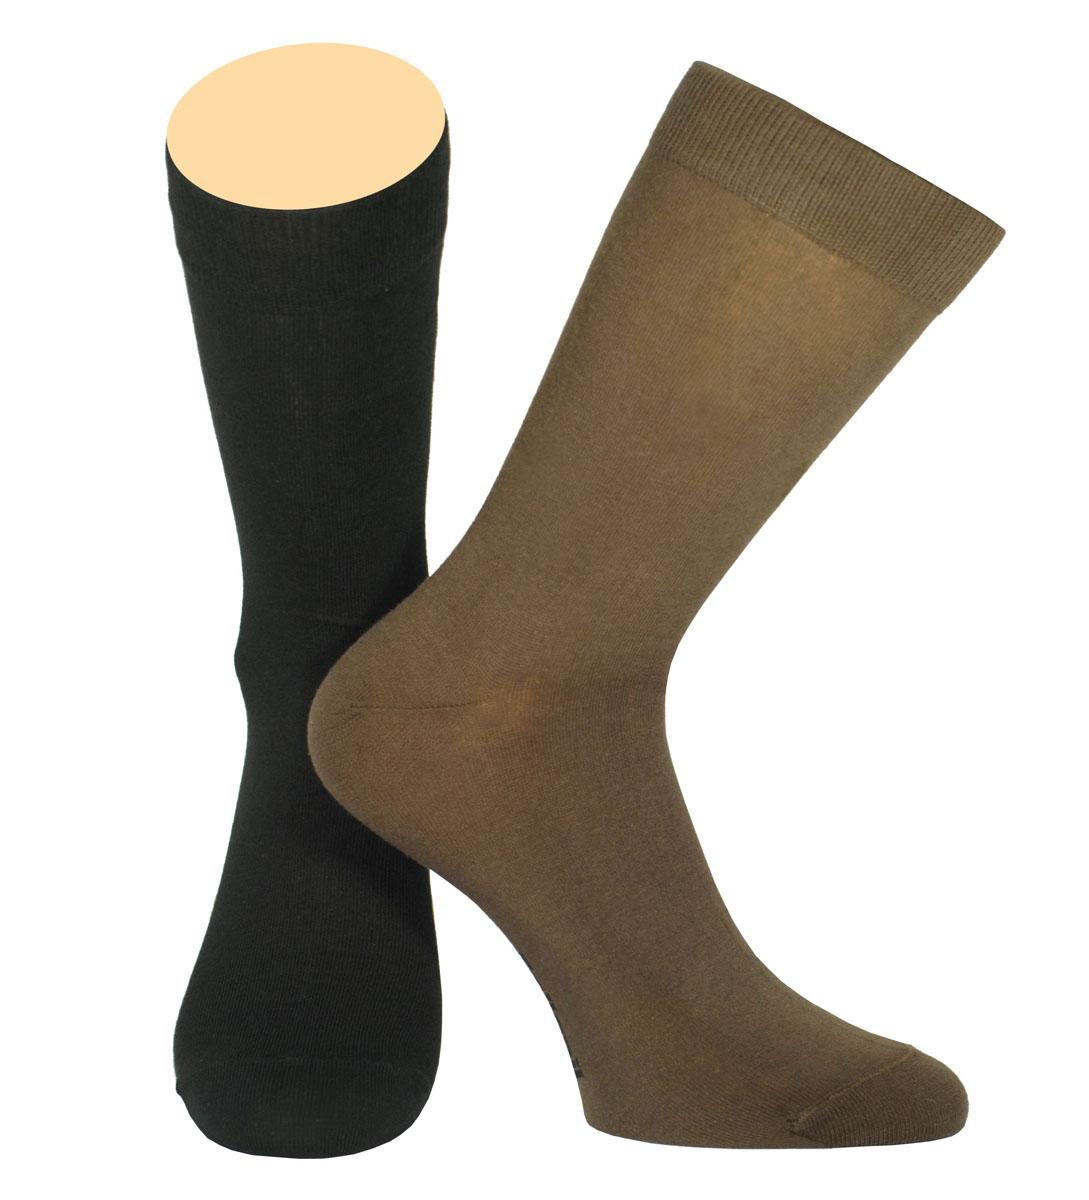 НоскиCE3-40/01Мужские носки Collonil изготовлены из эластичного хлопка с добавлением полиамида. Удлиненная широкая резинка не сдавливает и комфортно облегает ногу. В комплекте 2 пары.